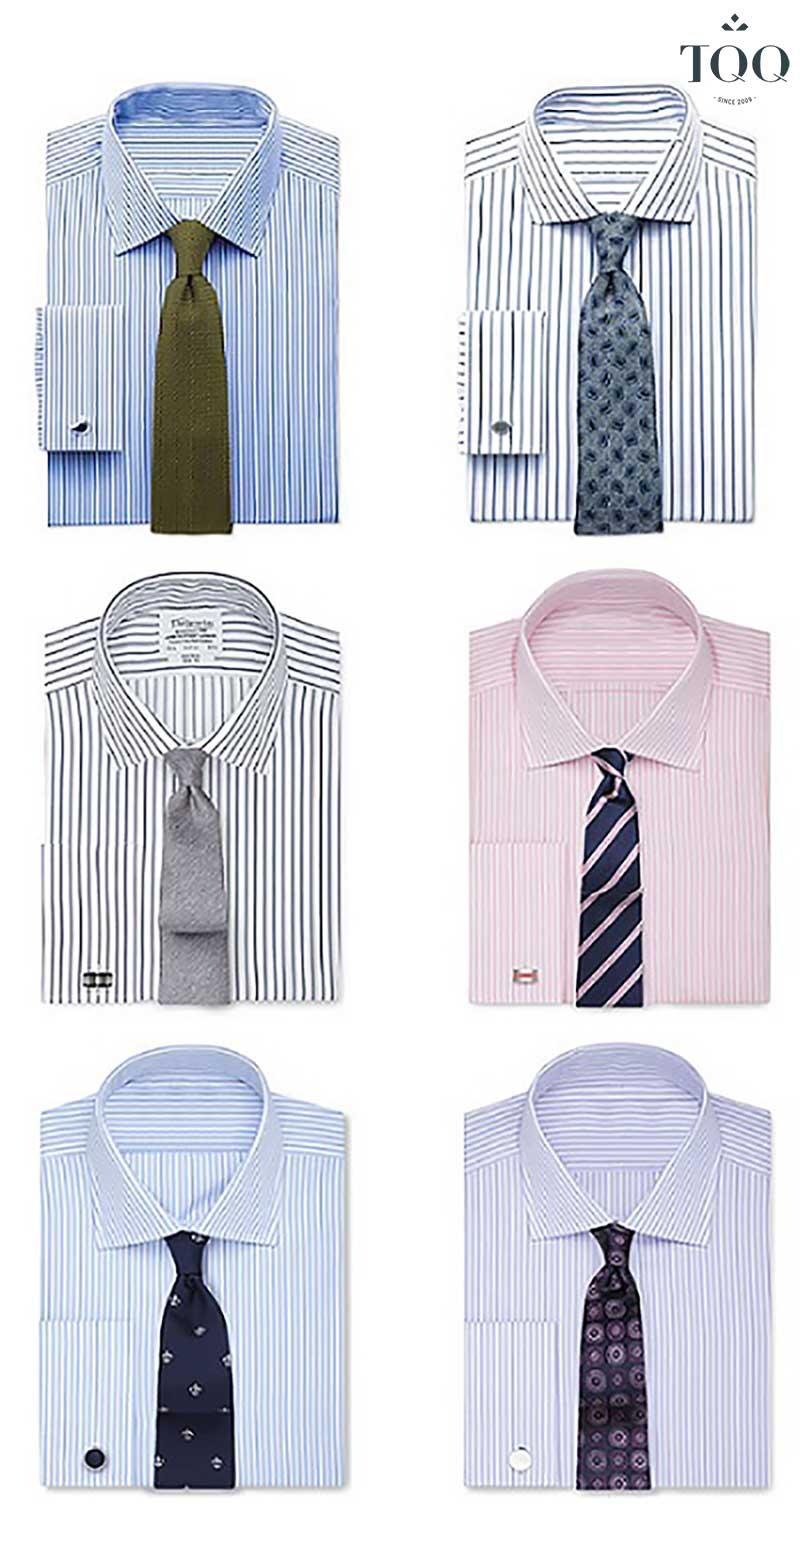 Việc chọn được cà vạt phù hợp cho áo sơ mi kẻ sọc cần cầu kỳ hơn một chút